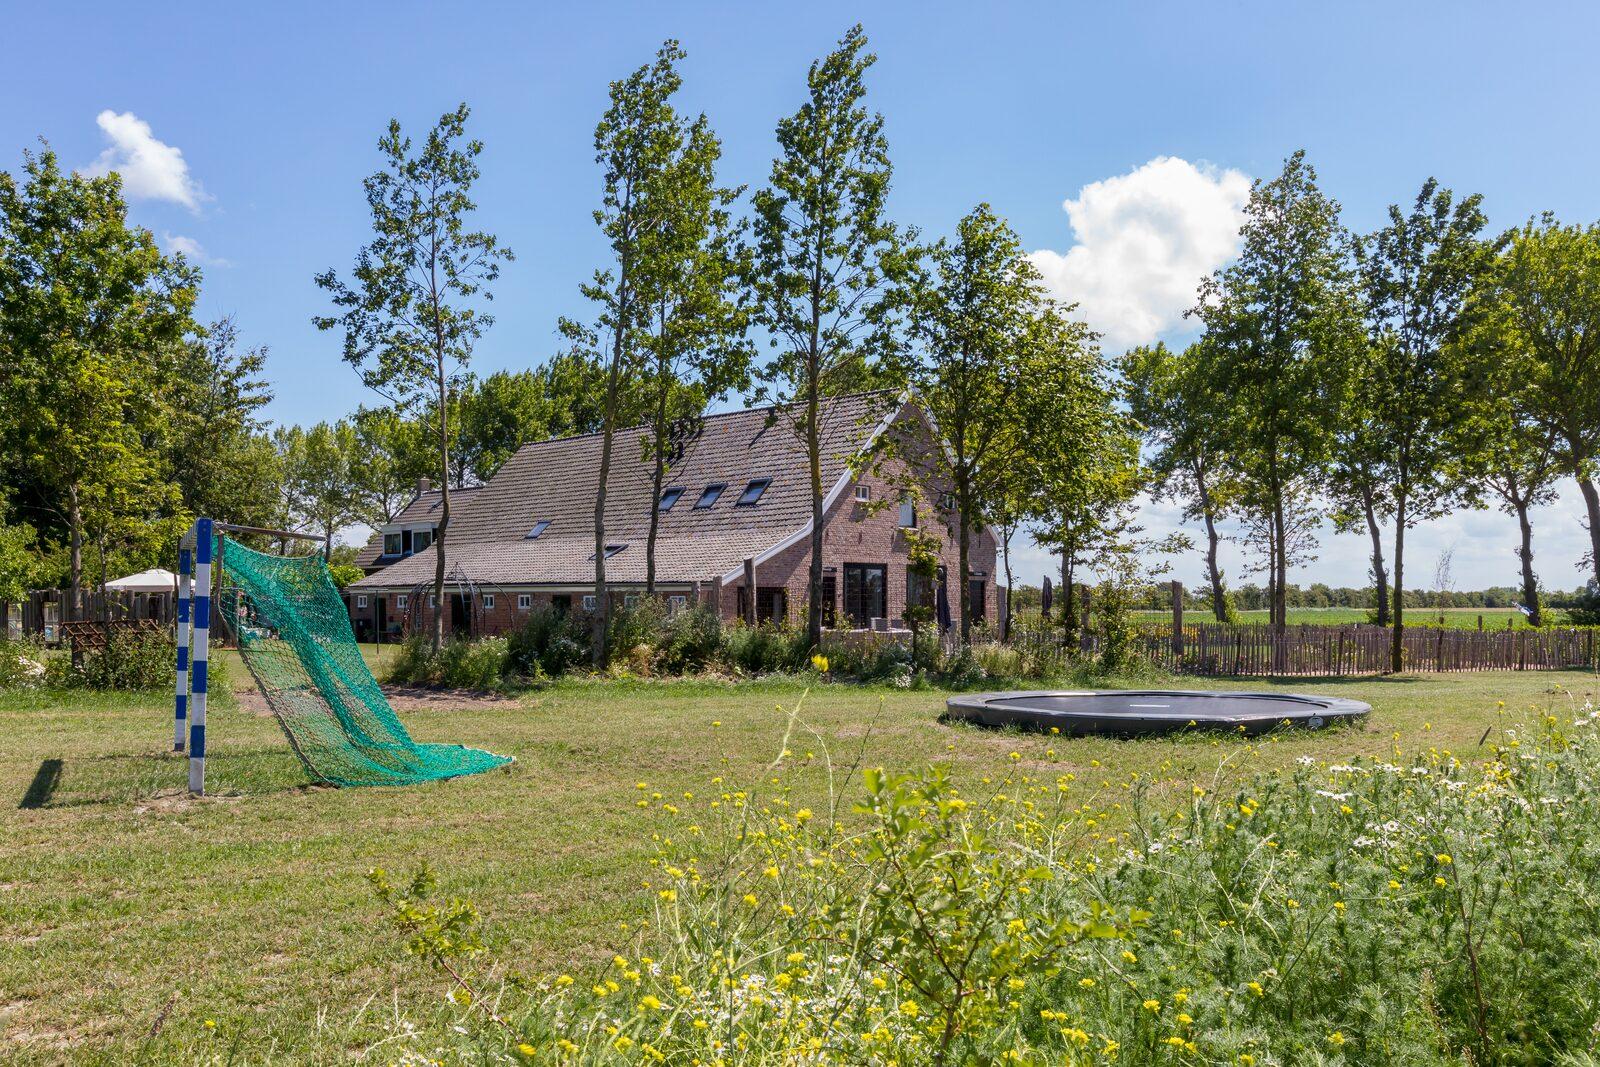 Holidayhouse - Lepelstraat 18AB | Vrouwenpolder